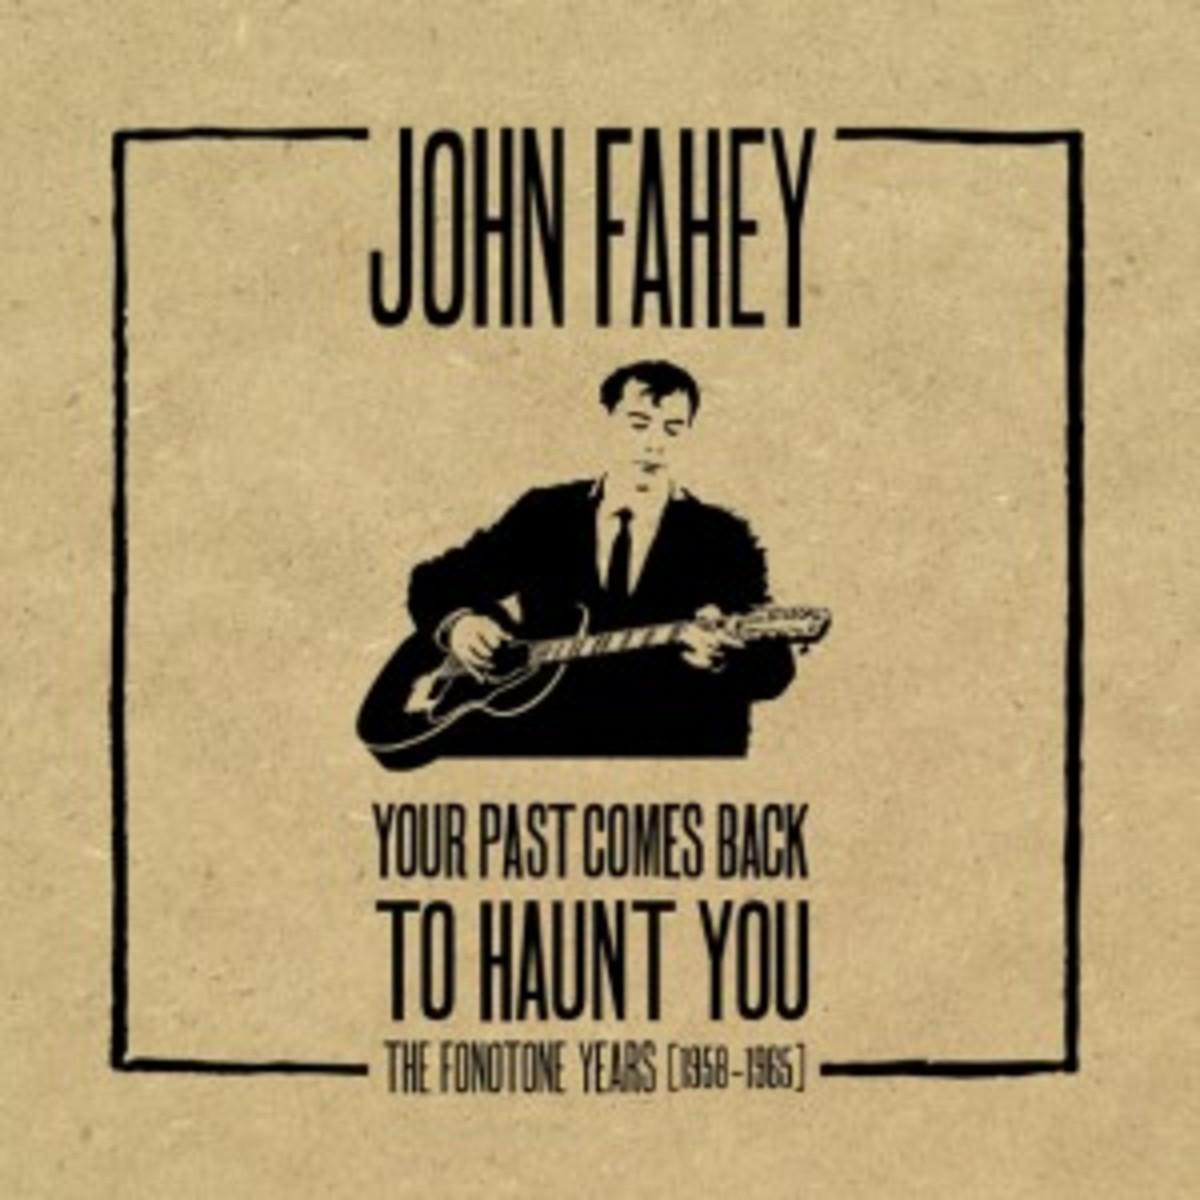 JohnFahey_FI_YourPastComesBackToHauntYou